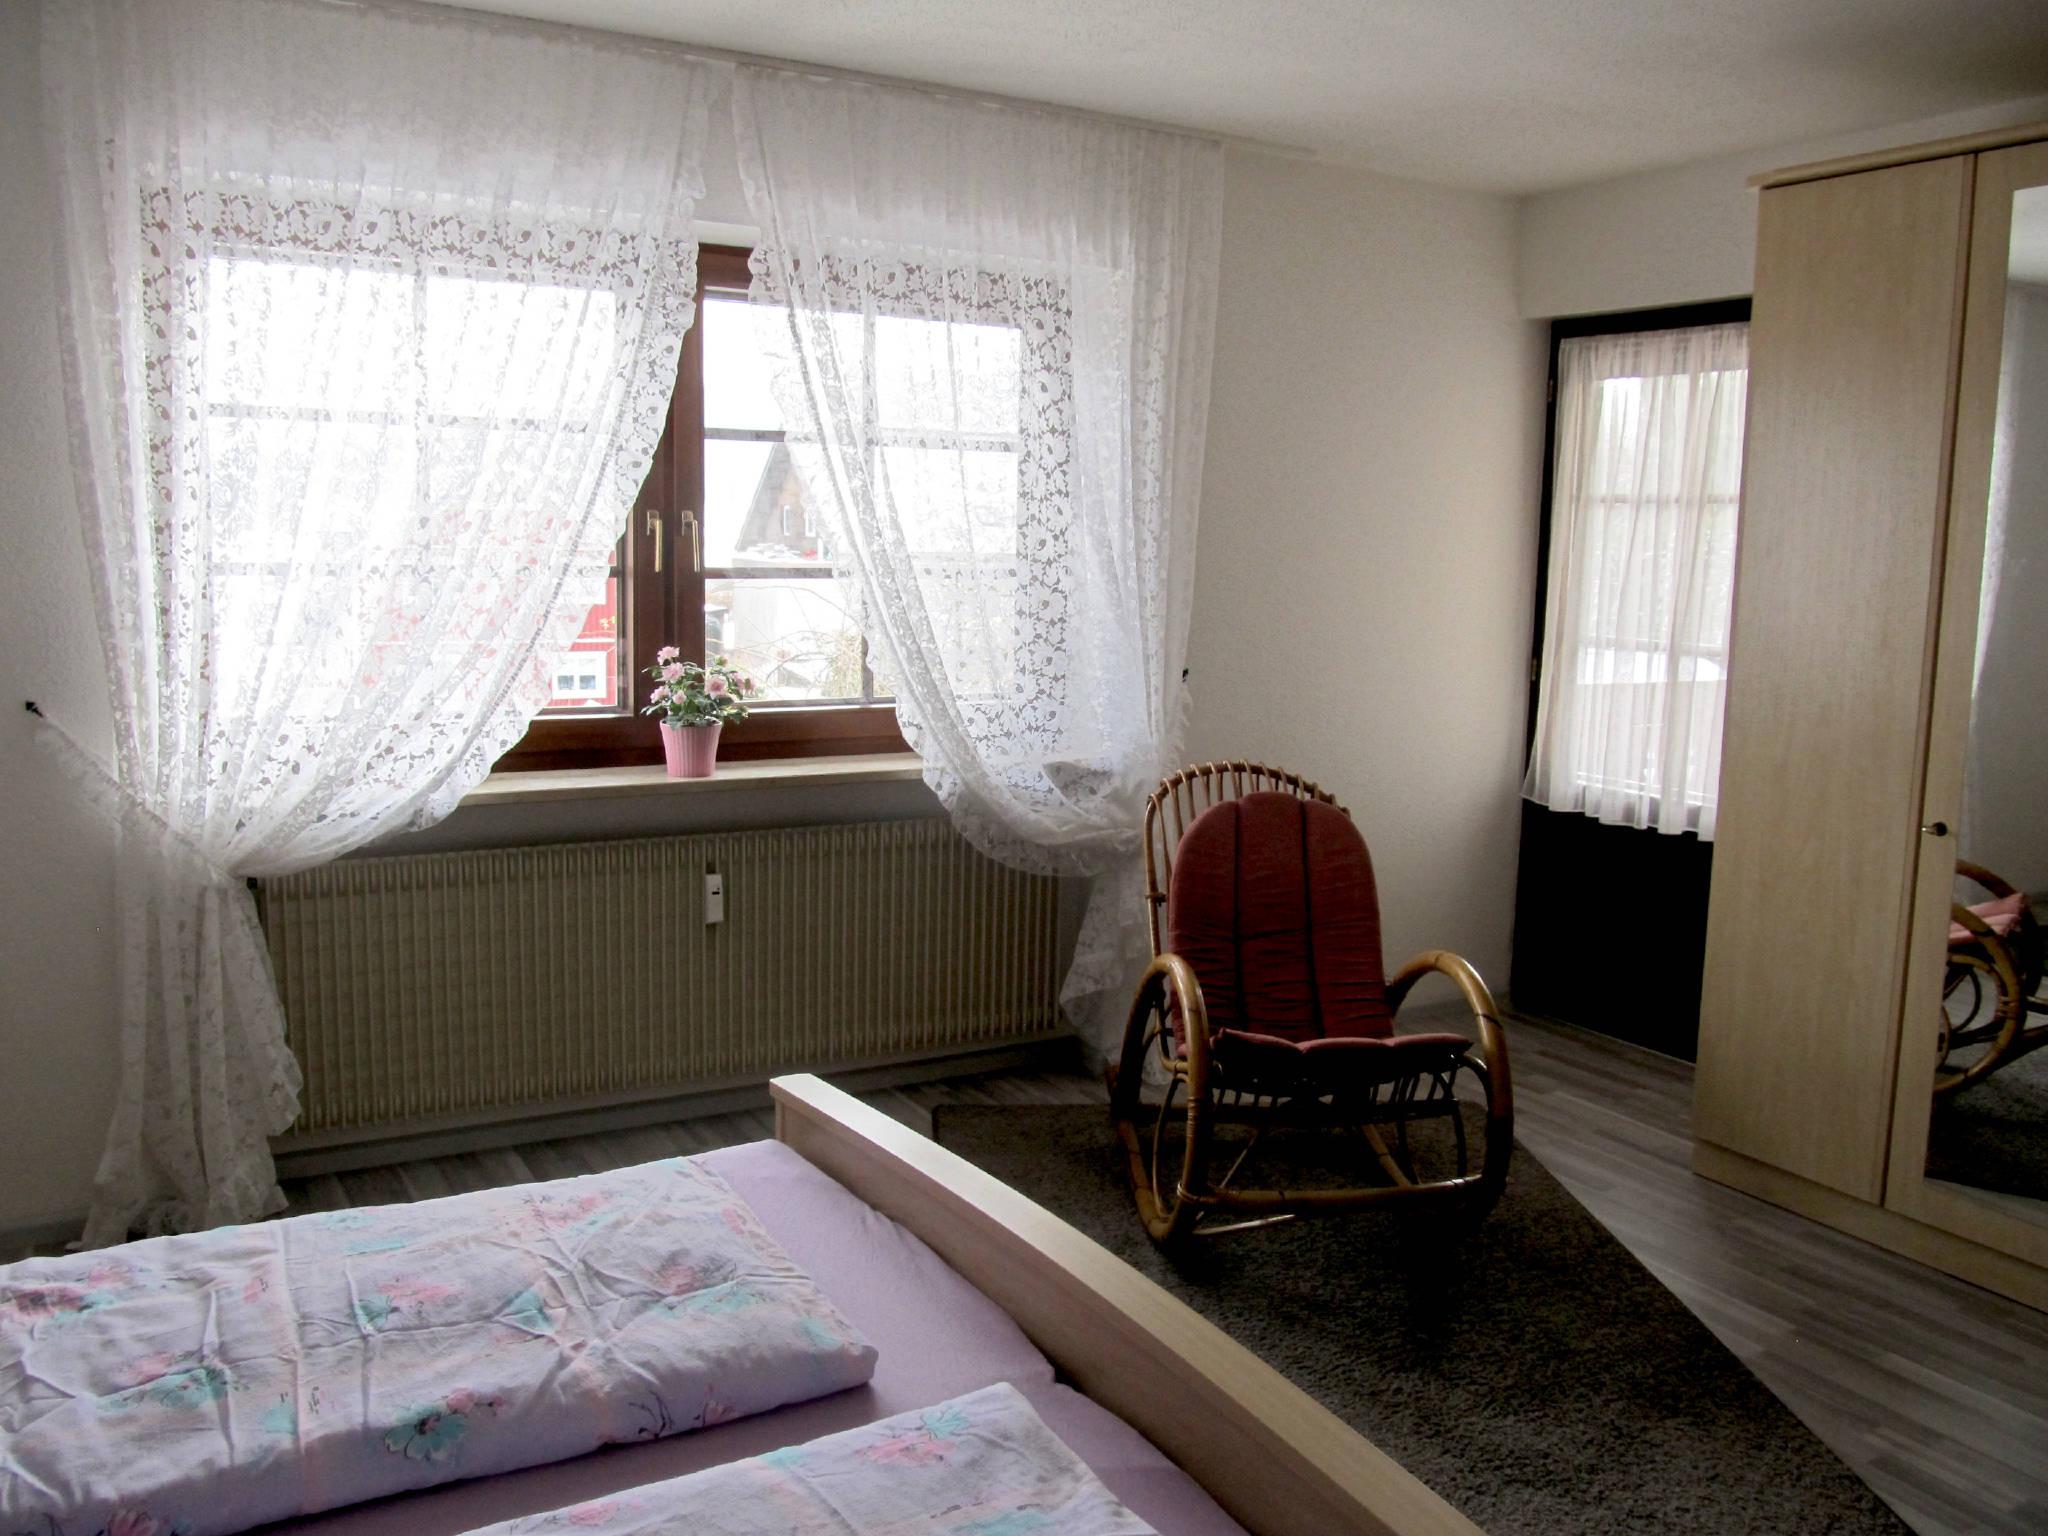 Schlafzimmer mit Schaukelstuhl